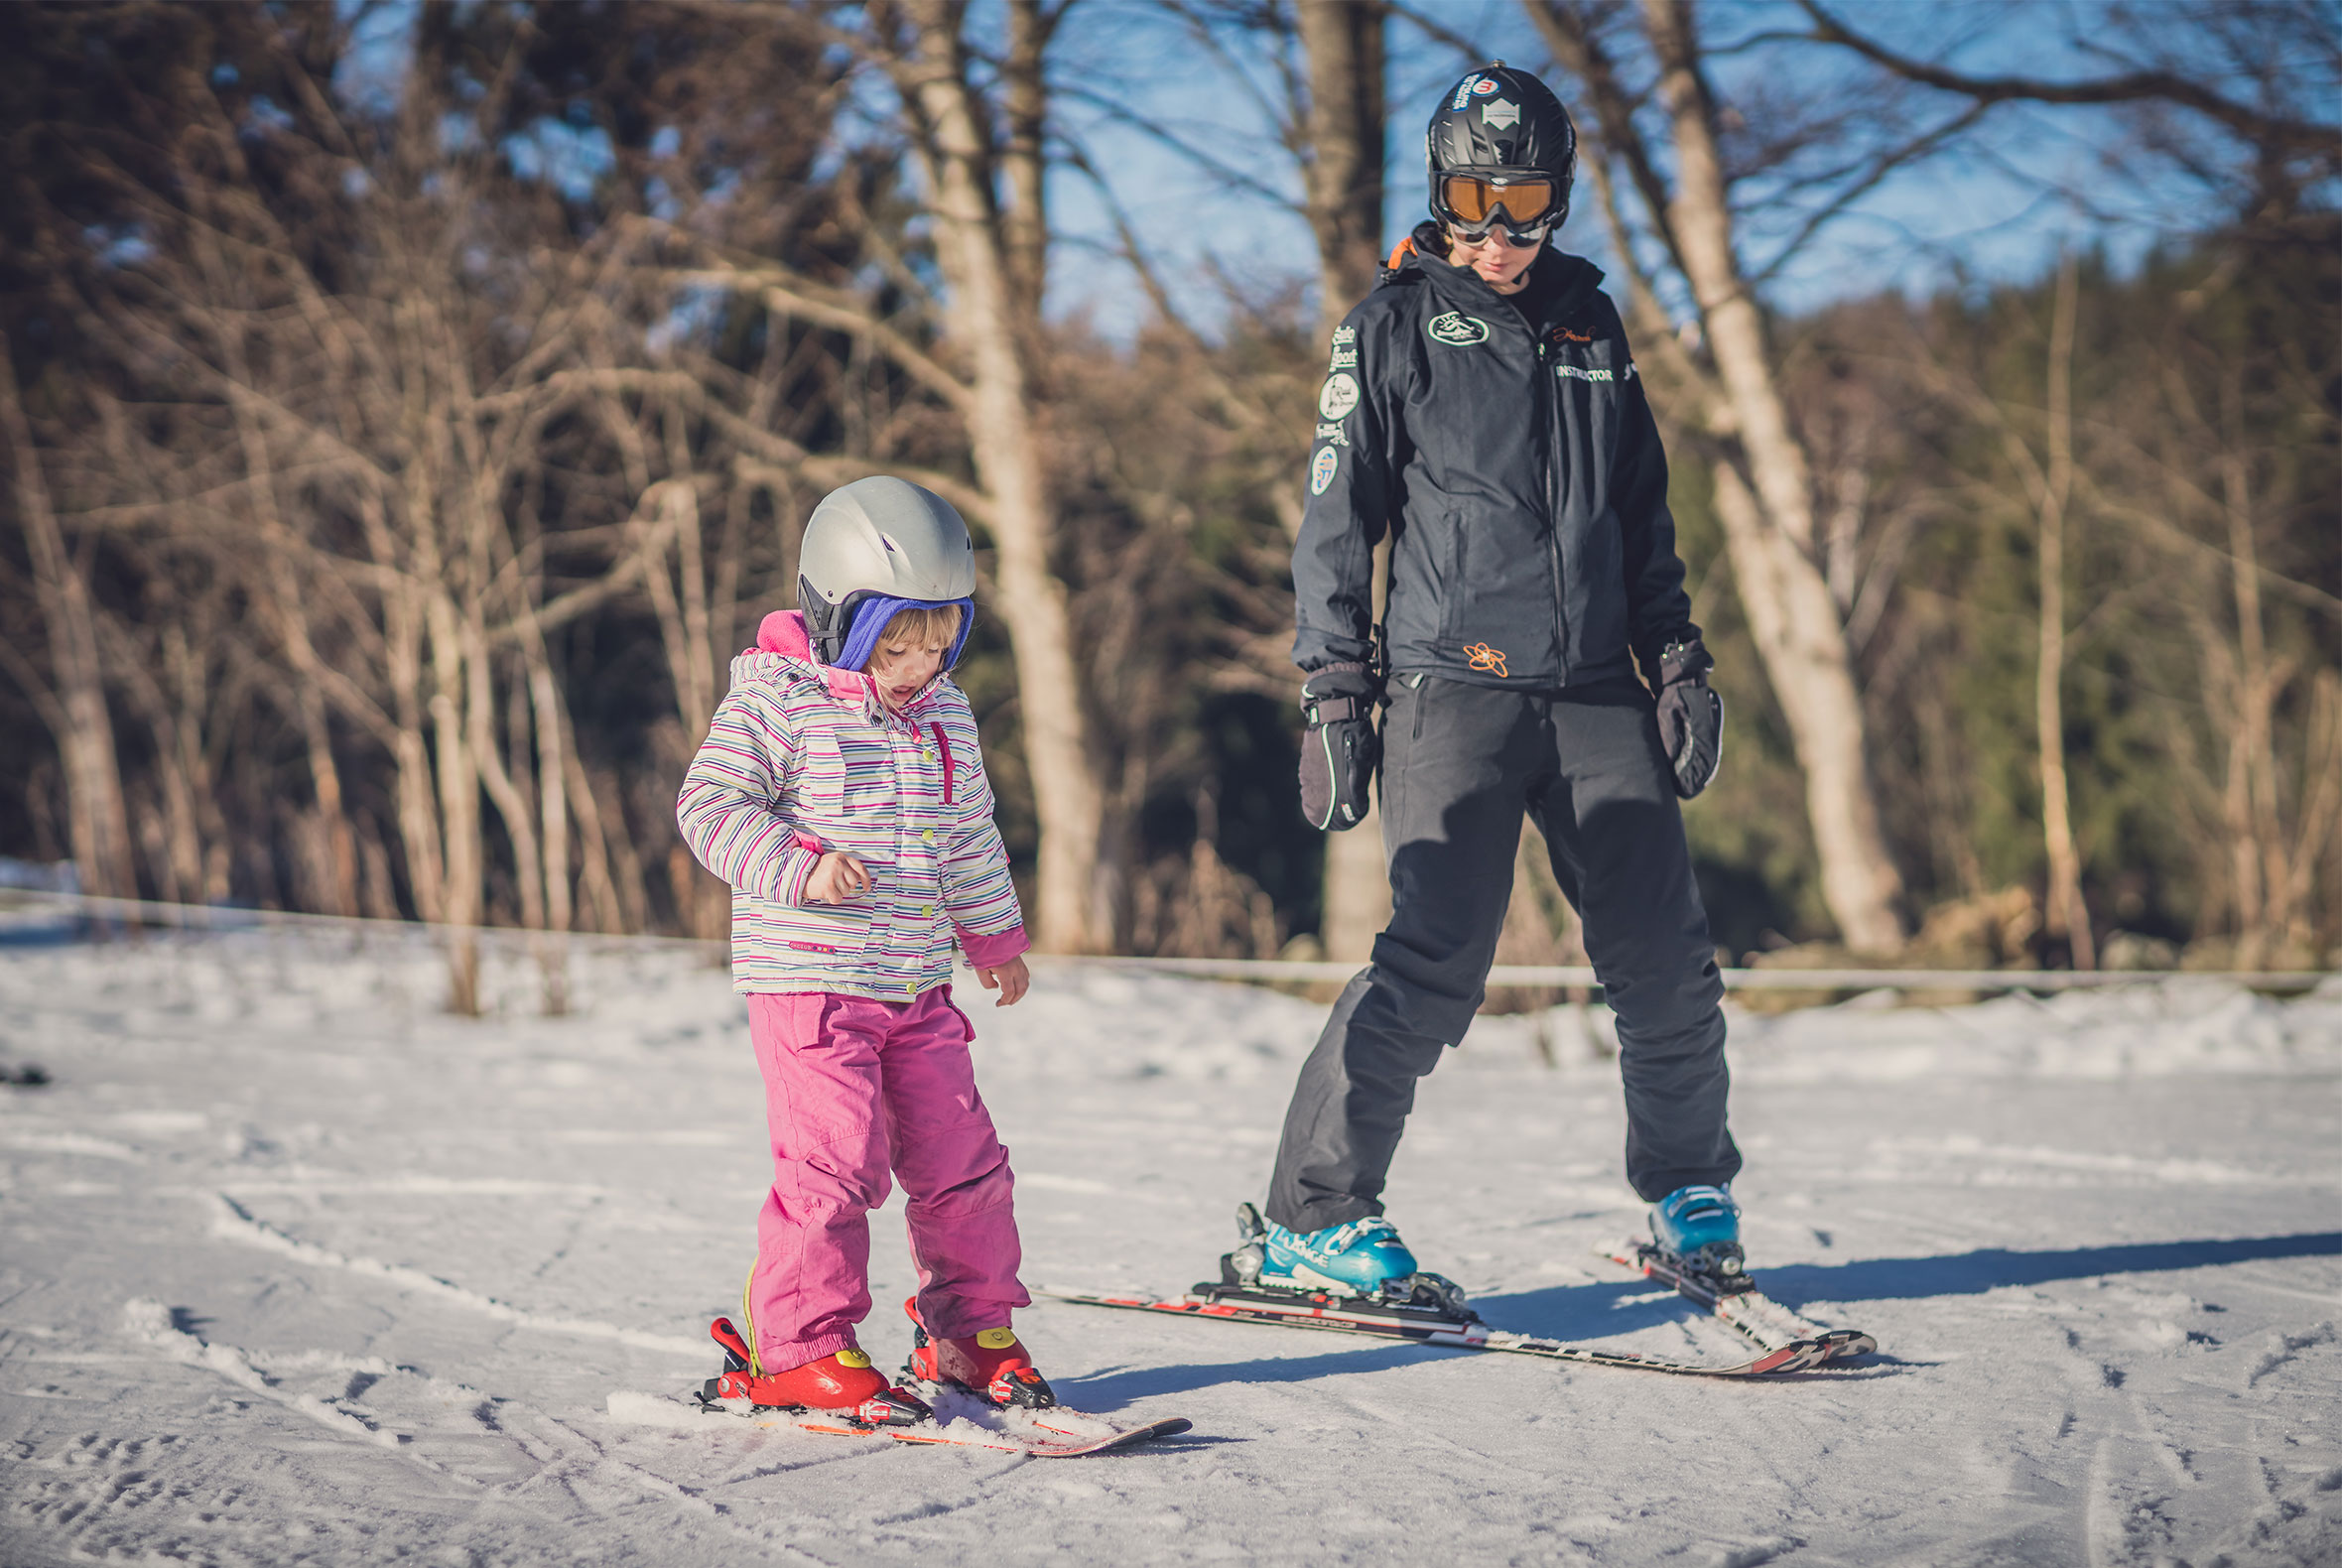 Máte doma malého lyžiara  Kedy postaviť dieťa na lyže a koľko ... fd16d2df6c0